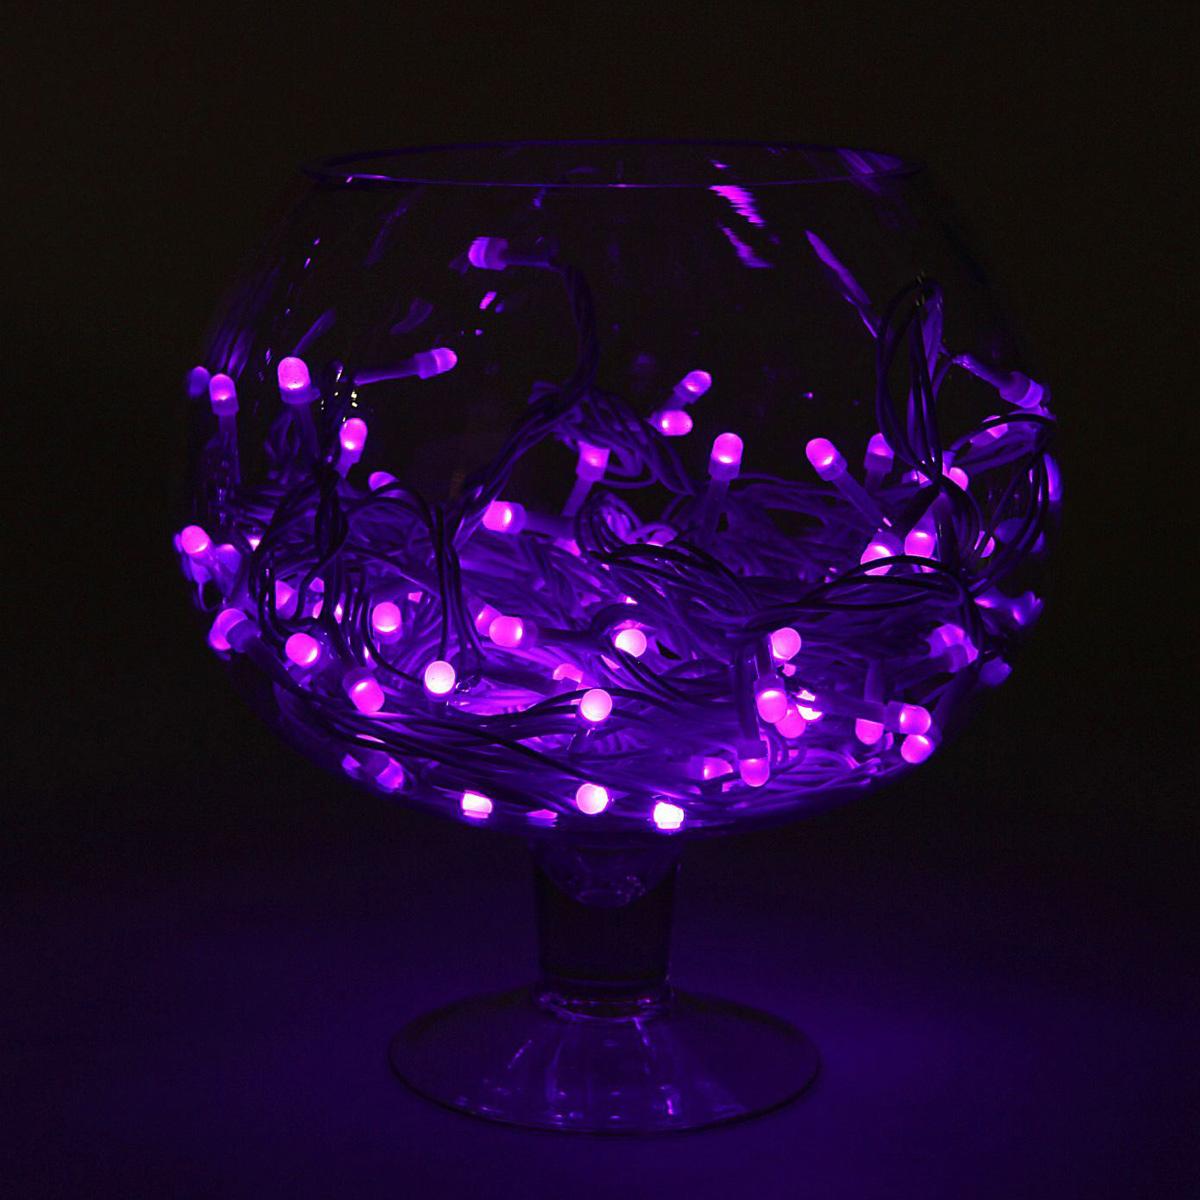 Гирлянда светодиодная Luazon Метраж, уличная, 8 режимов, 200 ламп, 220 V, 20 м, цвет: фиолетовый. 10805661080566Светодиодные гирлянды, ленты и т.д. — это отличный вариант для новогоднего оформления интерьера или фасада. С их помощью помещение любого размера можно превратить в праздничный зал, а внешние элементы зданий, украшенные ими, мгновенно станут напоминать очертания сказочного дворца. Такие украшения создают ауру предвкушения чуда. Деревья, фасады, витрины, окна и арки будто специально созданы, чтобы вы украсили их светящимися нитями.